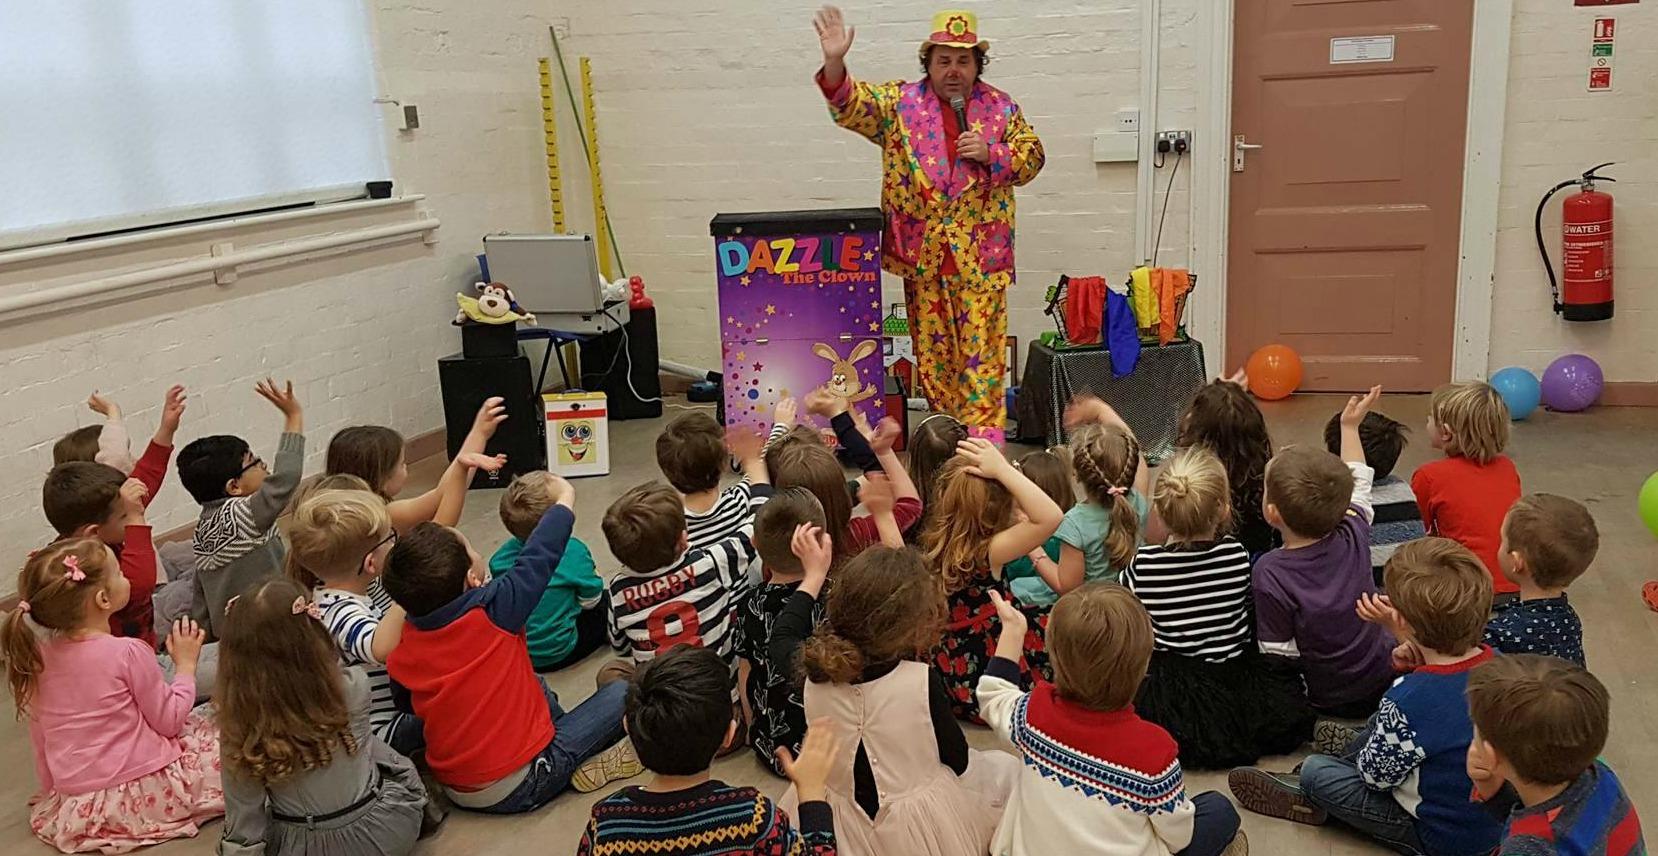 school party dazzle clown image